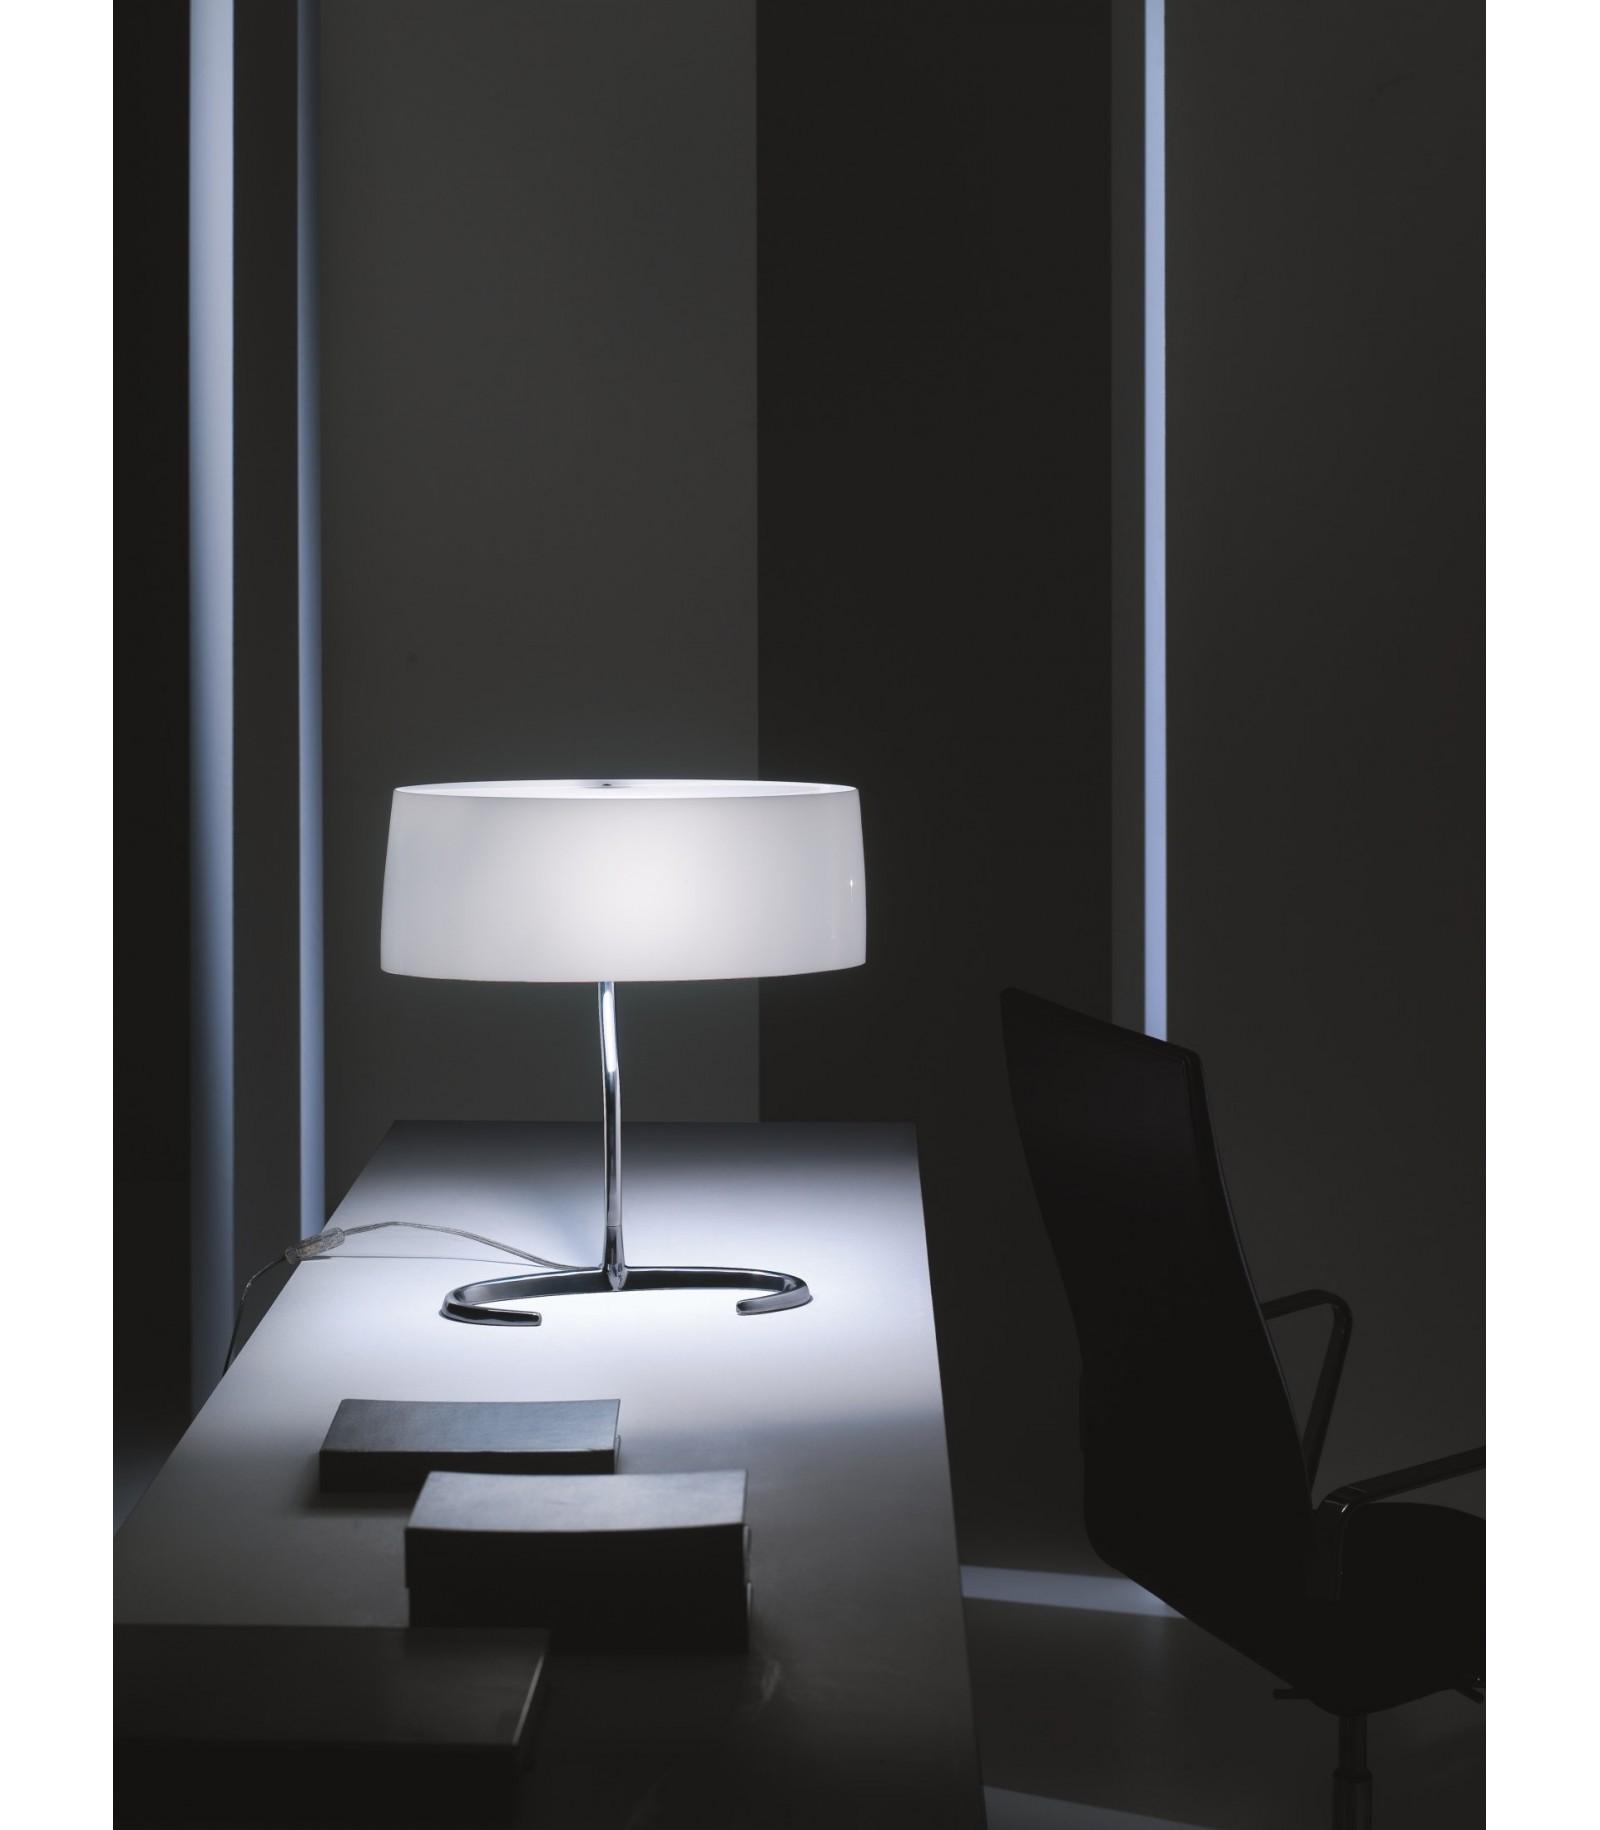 Lampade Originali Da Tavolo: Le migliori lampade da tavolo per ufficio di dicembre.